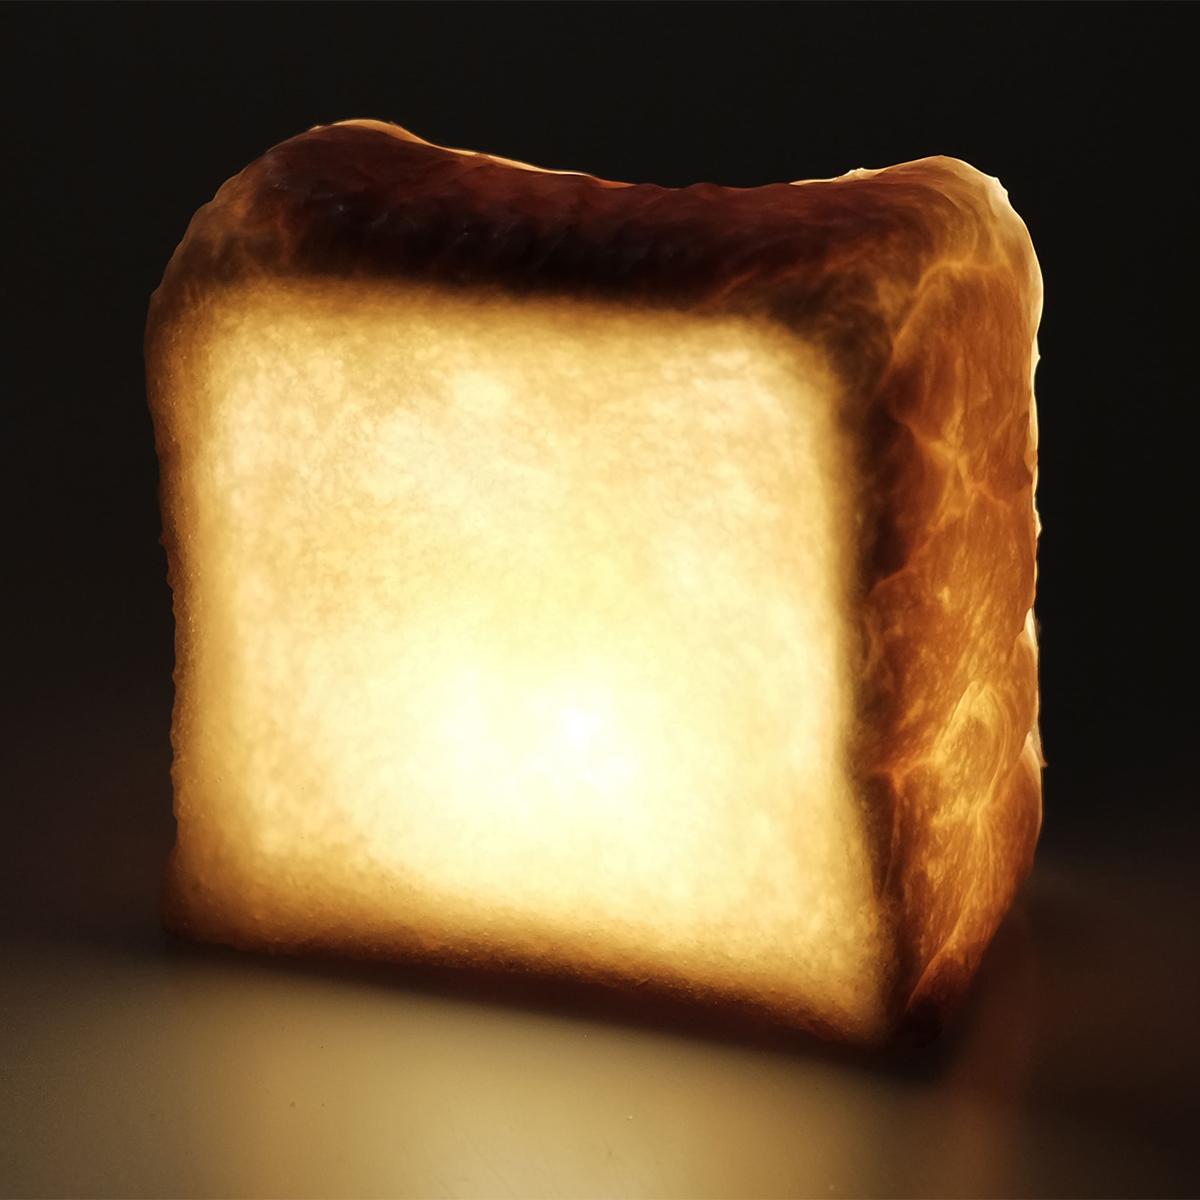 生活の様々なシーンで活躍する暮らしを豊かにする光。本物のパンがそのままインテリアライトに!置くだけで明かりのオンオフができる「ライト・ランプ・間接照明」 モリタ製パン所「パンプシェード」